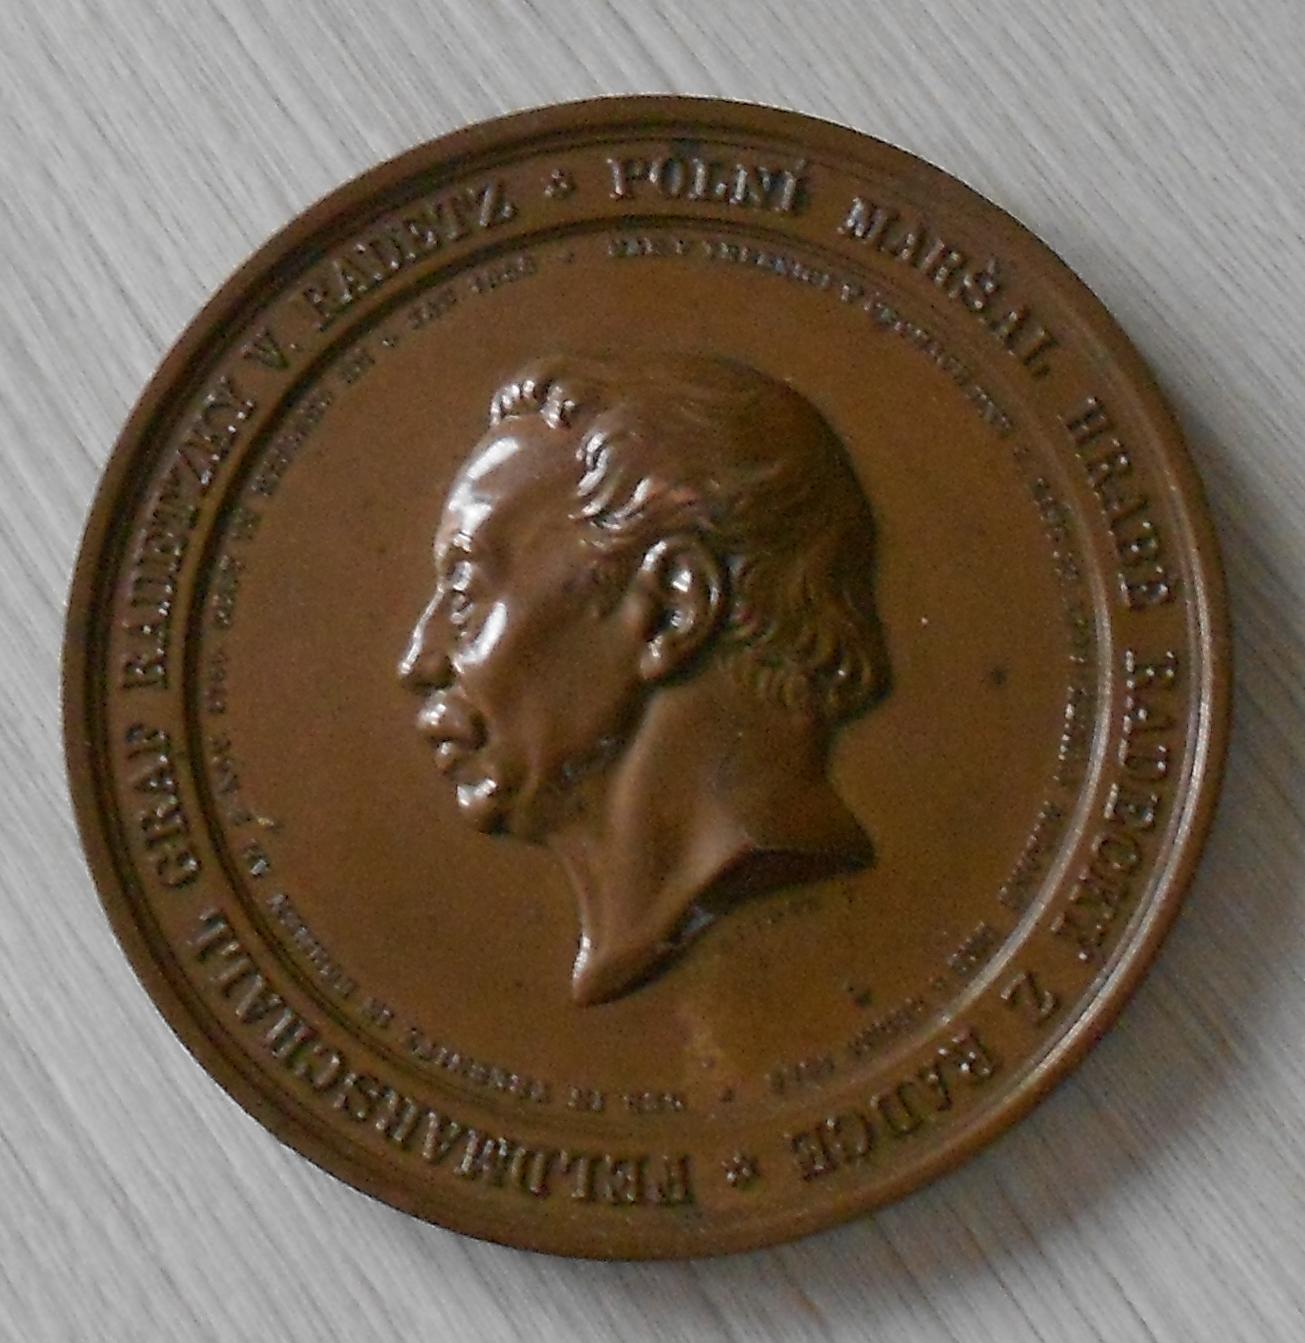 Čechy Pomník maršálu Radeckému v Praze, průměr 80 mm